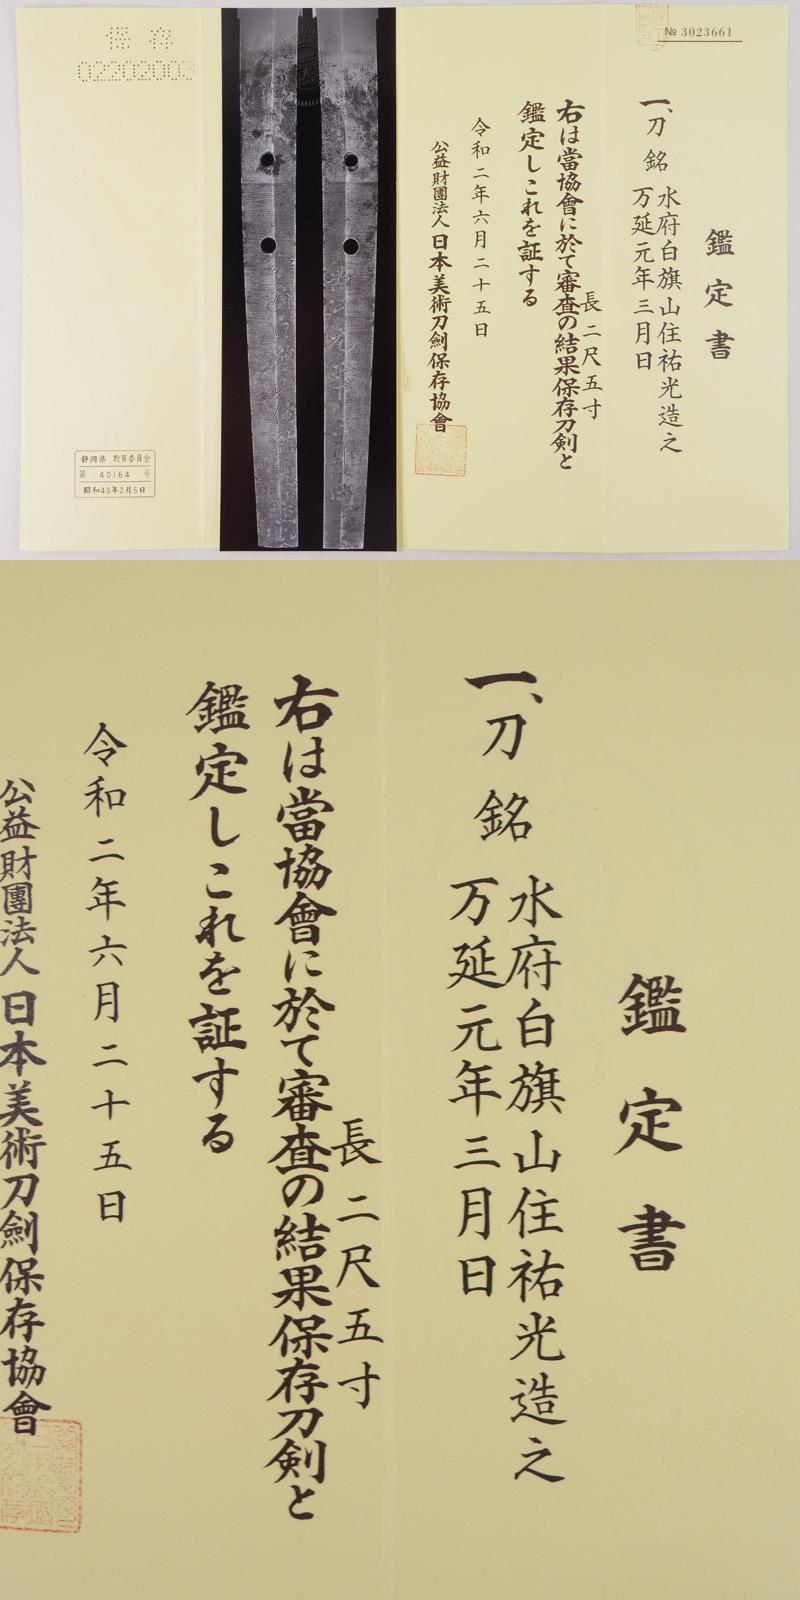 刀 水府白旗山住祐光造之 (横山祐光)  万延元年三月日 Picture of Certificate